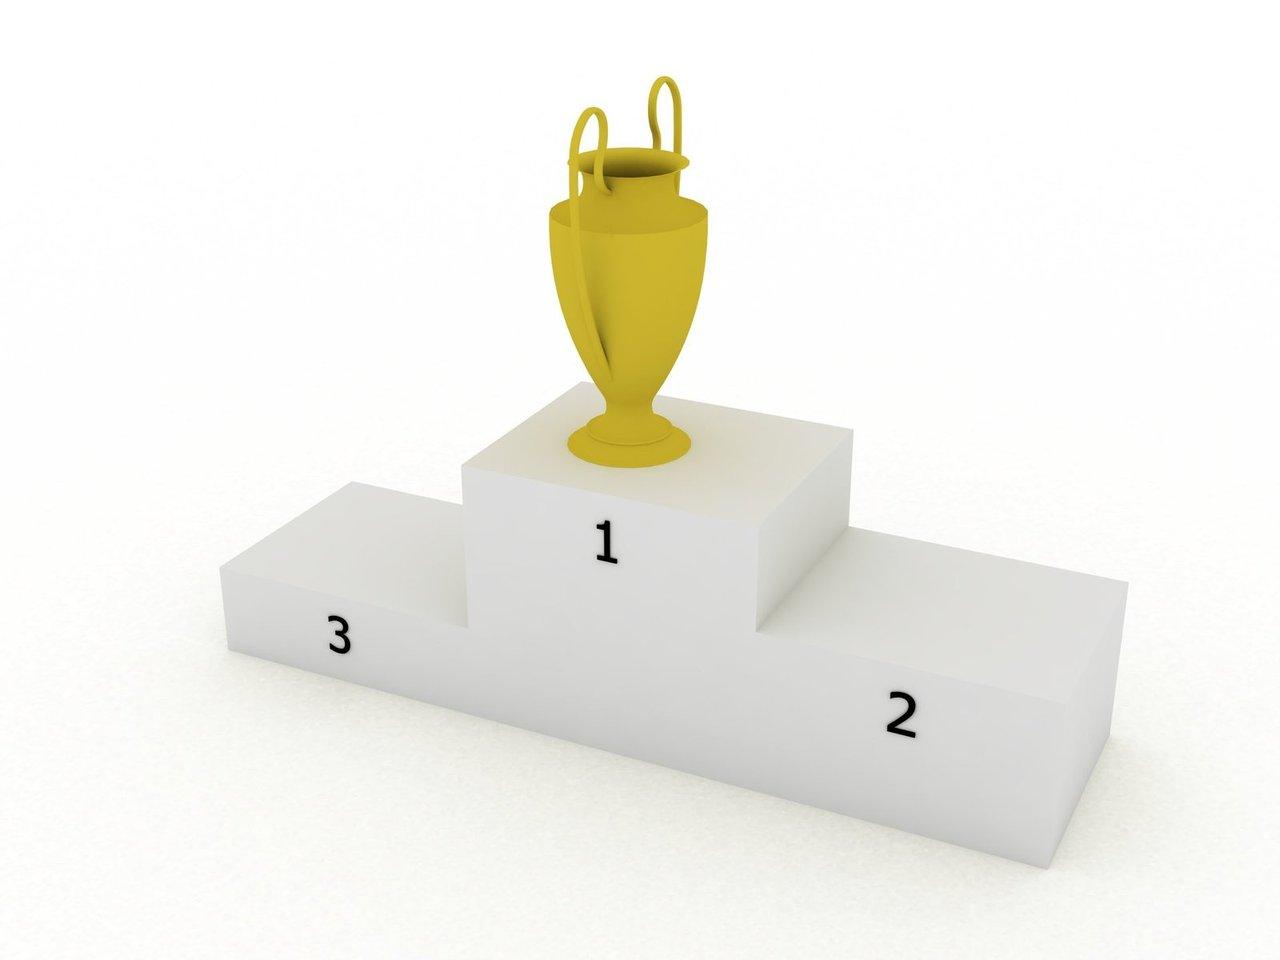 Za co i komu przyznawana jest pokojowa Nagroda Nobla?